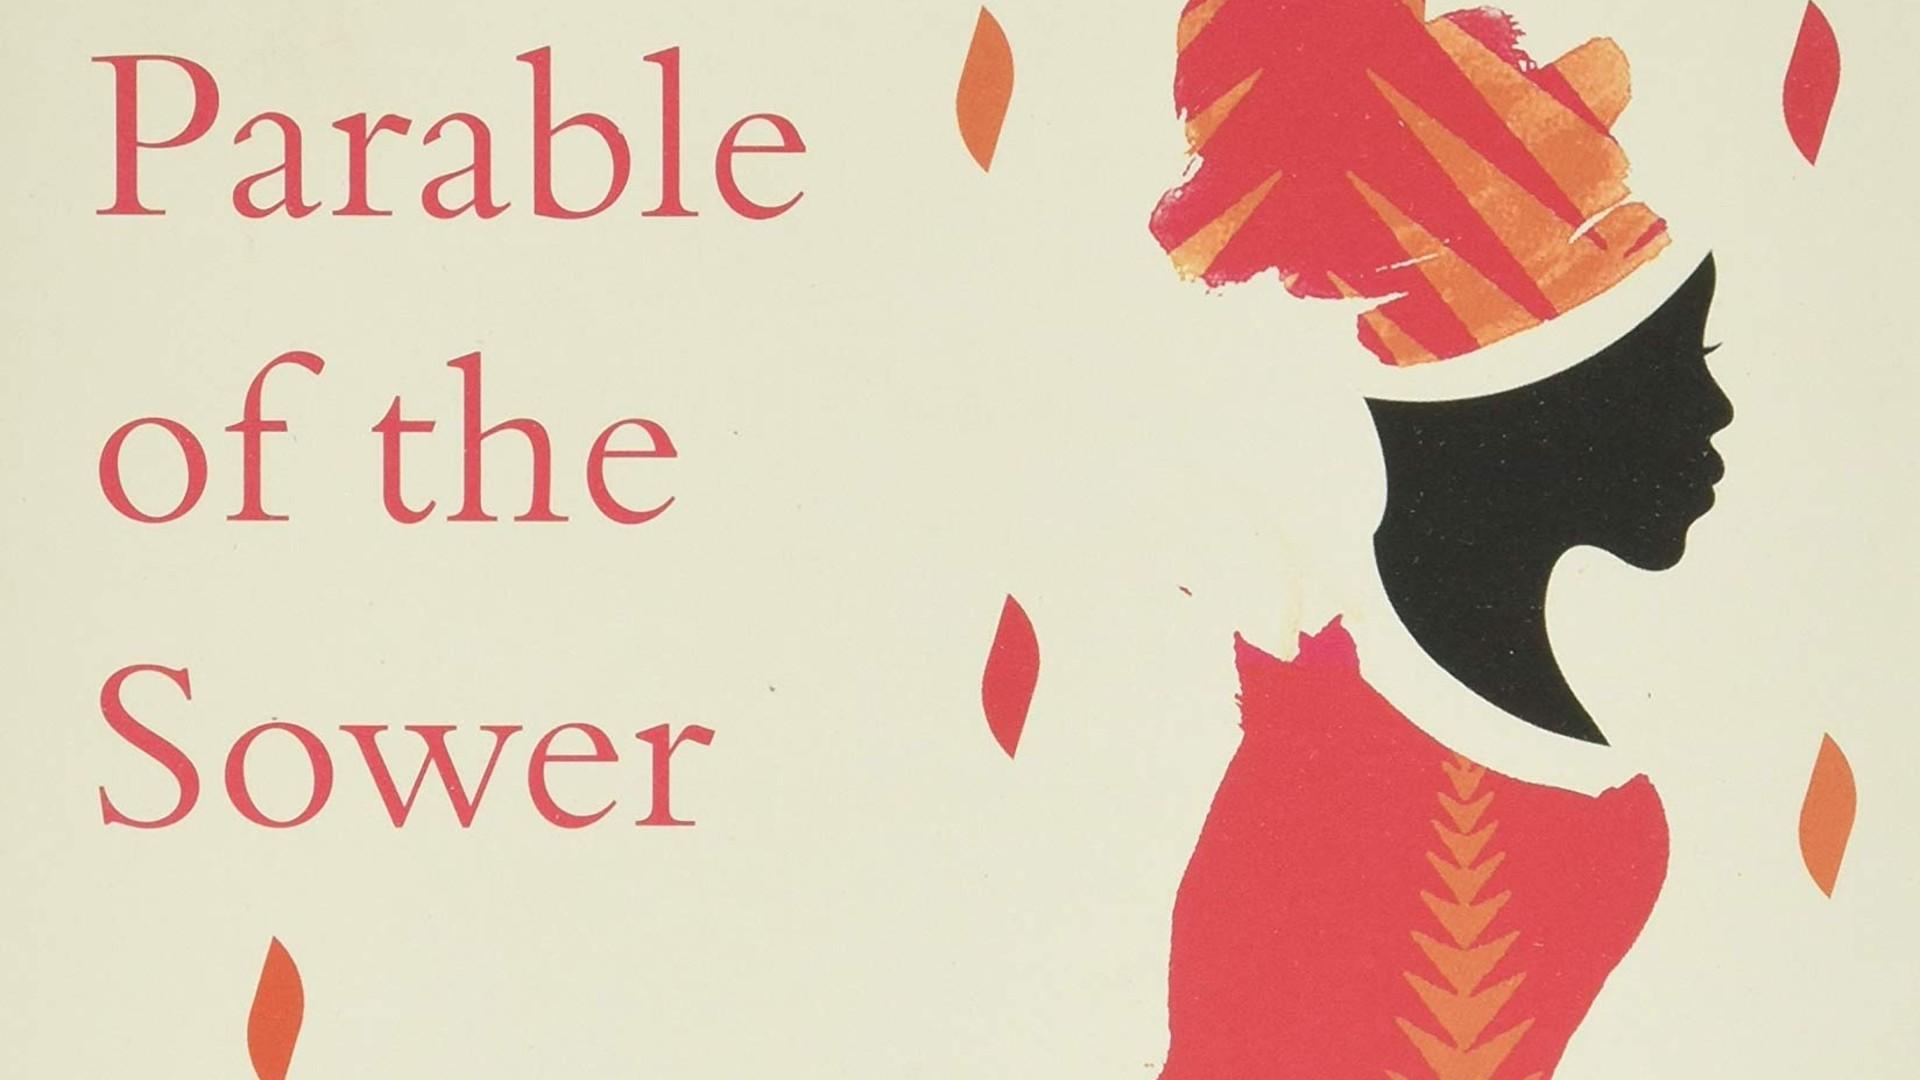 ce roman d'Octavia Butler va être adapté au cinéma et il était temps